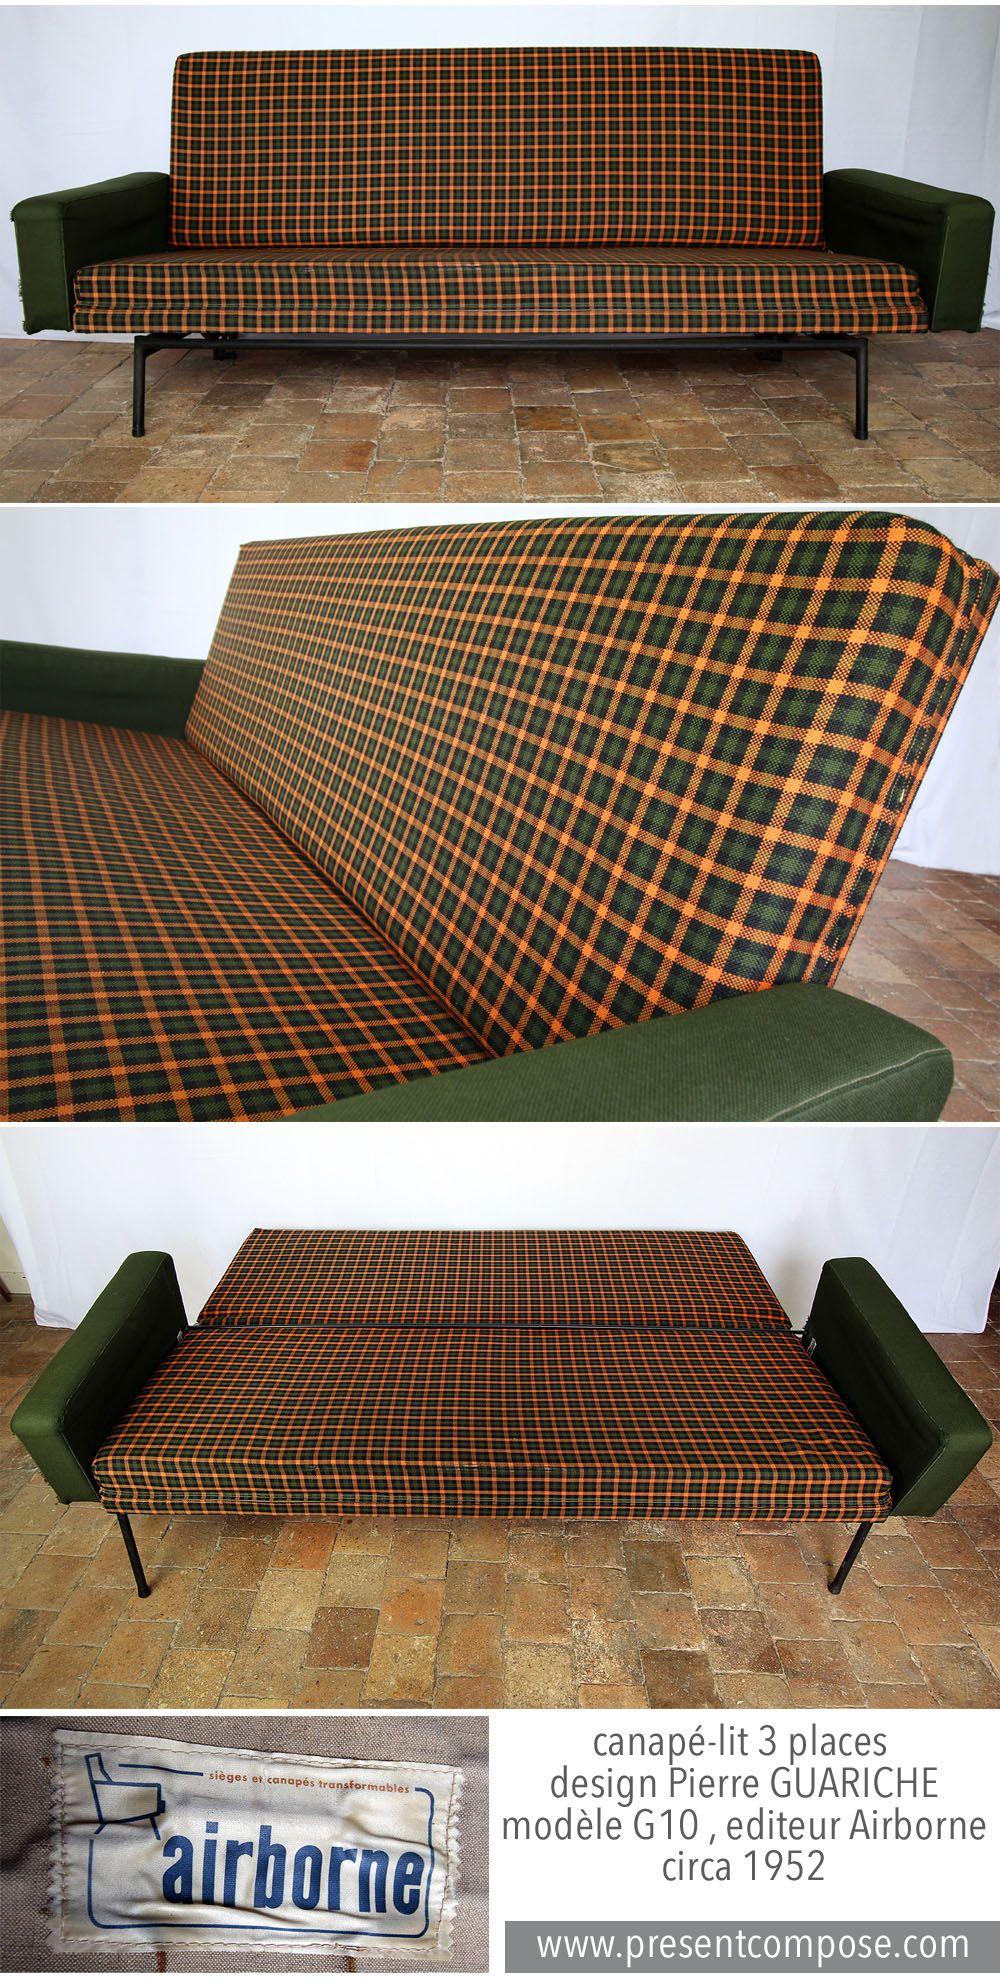 canap lit 3 places vintage design pierre guariche mod le g10 editeur airborne circa 1952 www. Black Bedroom Furniture Sets. Home Design Ideas